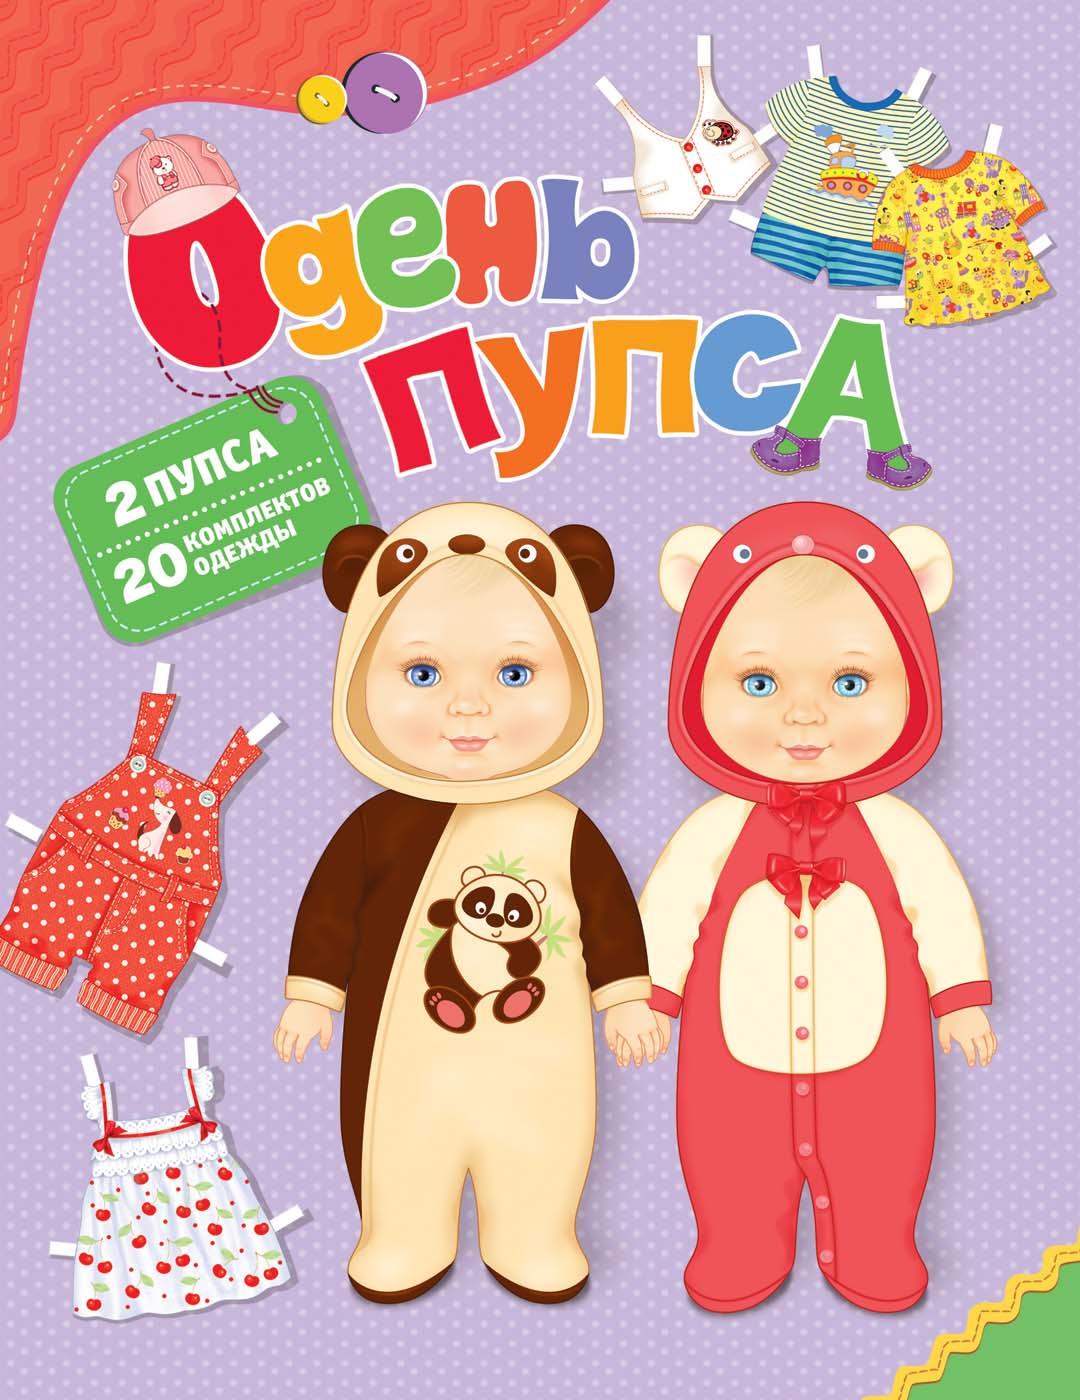 Книга-игрушка Одень пупсаКниги для детского творчества<br>Книга-игрушка Одень пупса<br>